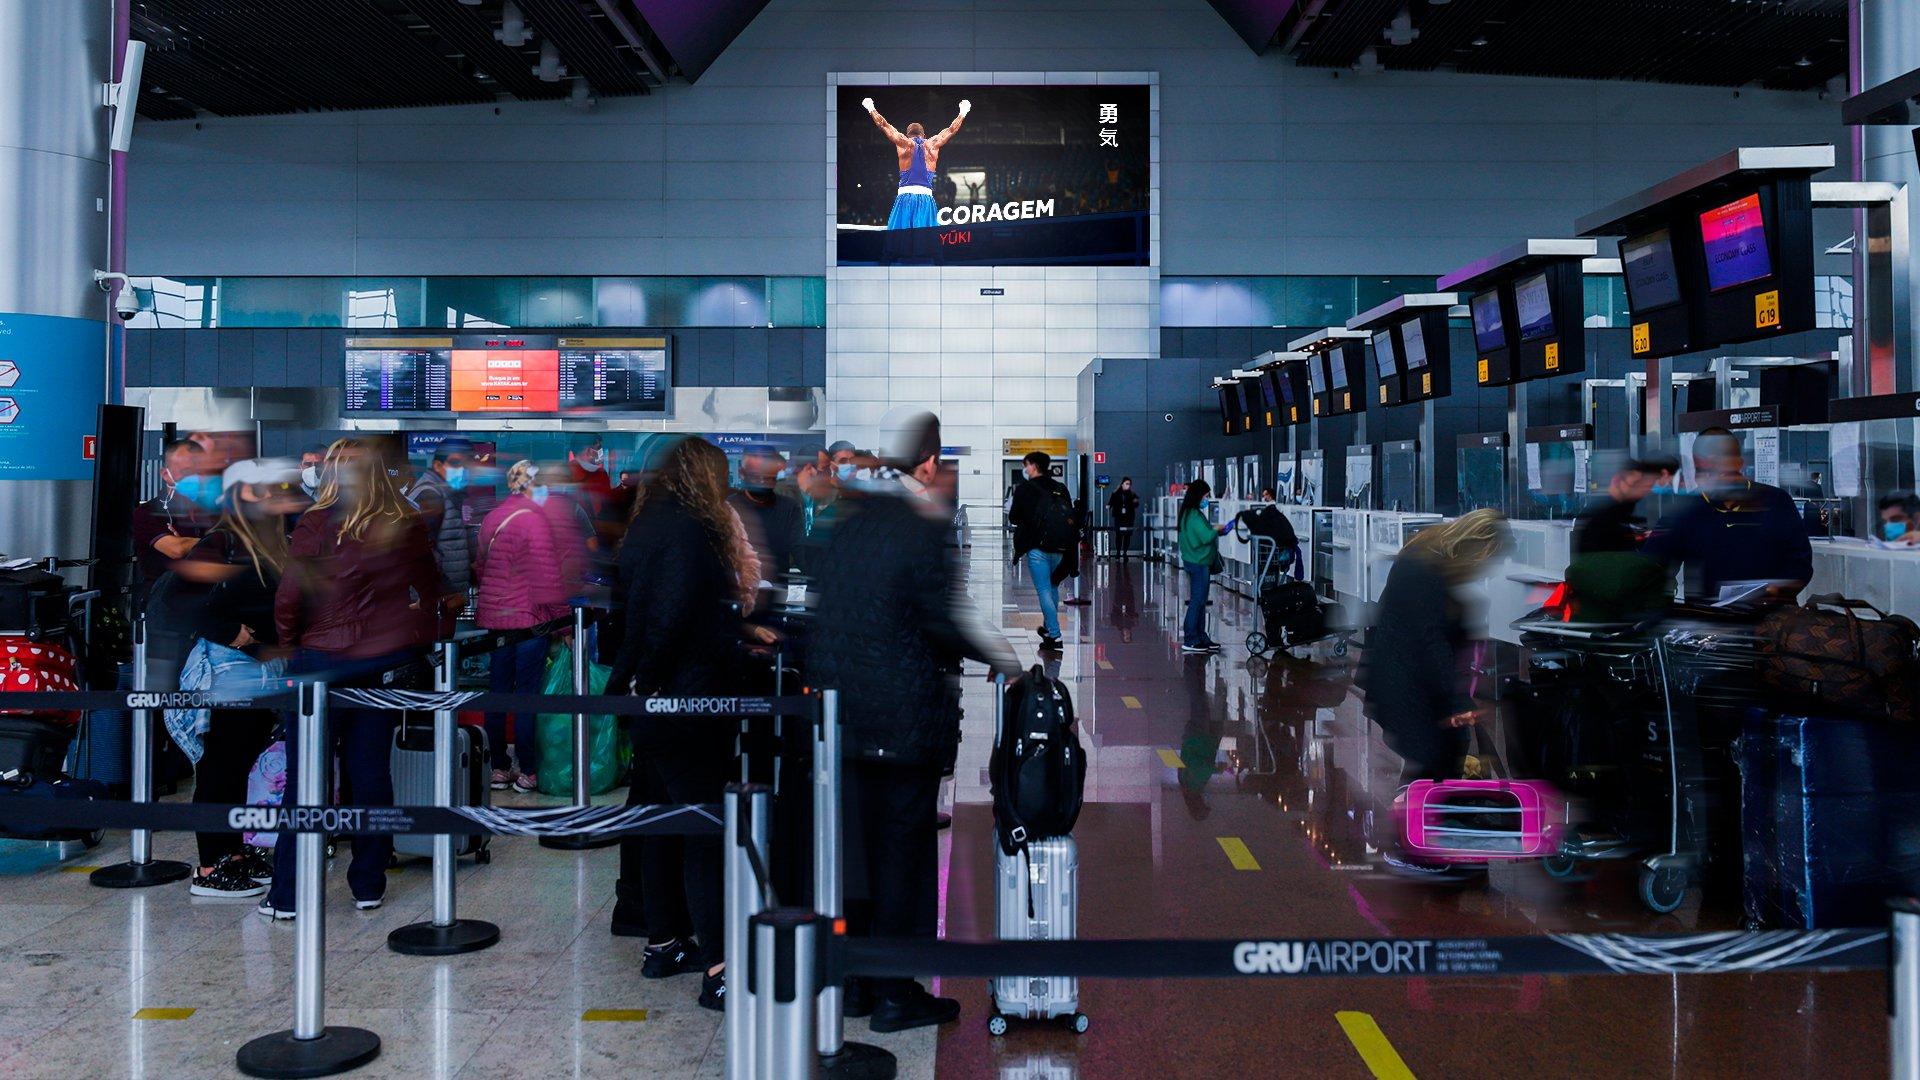 Comitê Olímpico do Brasil, JCDecaux e GRU Airport se unem em campanha para apoiar atletas brasileiros